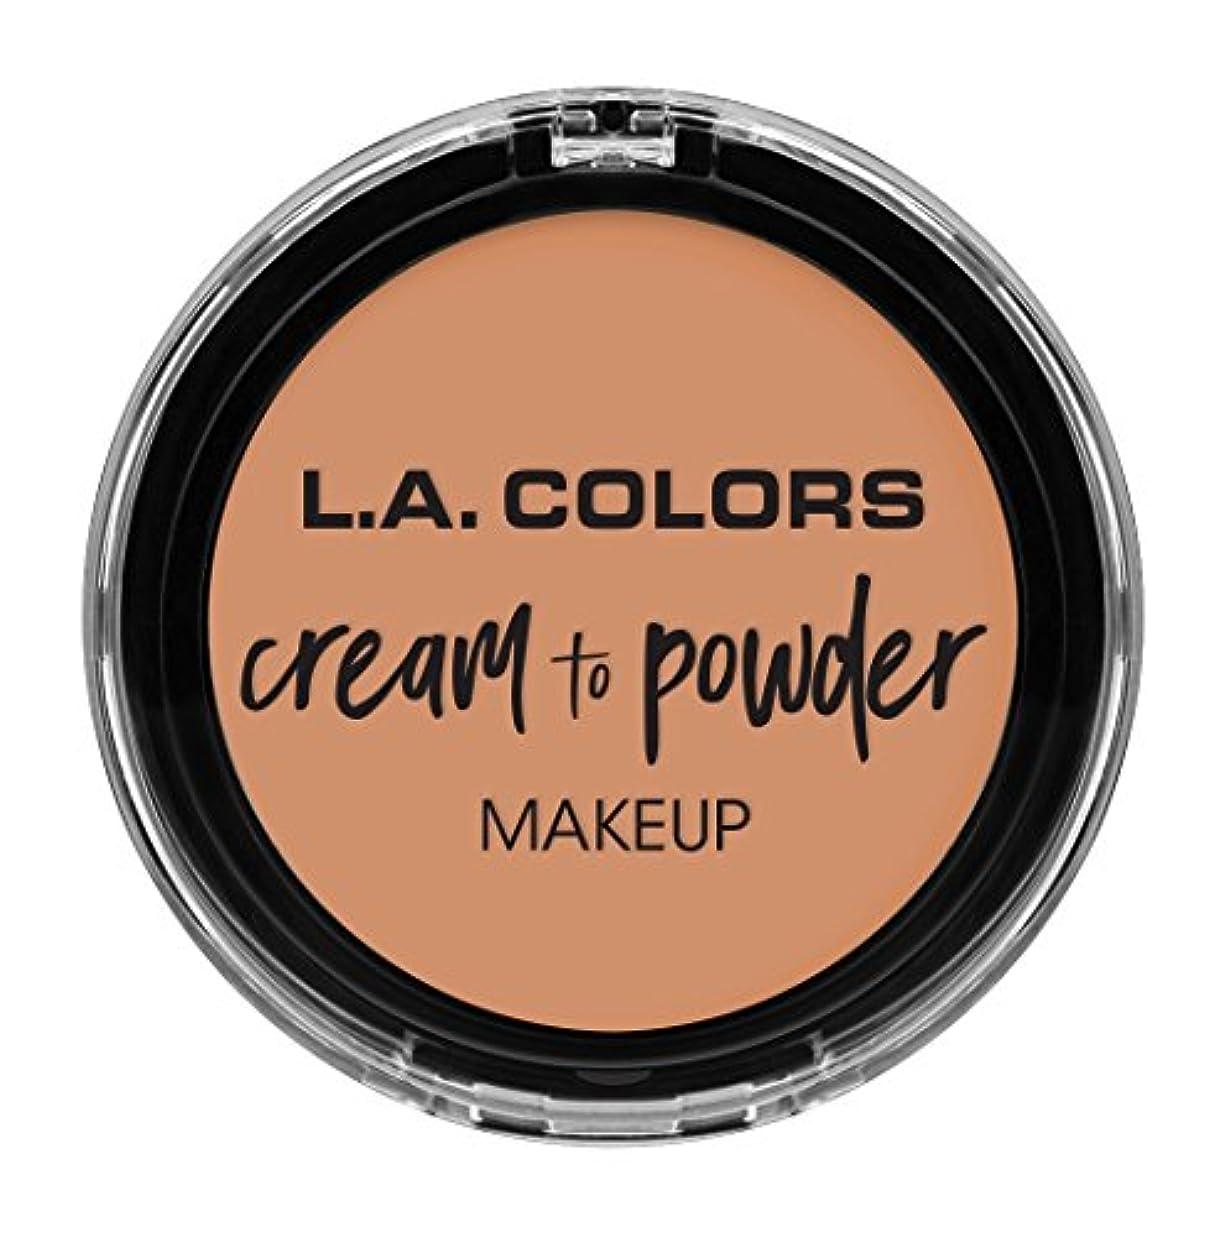 警戒コカインブレークL.A. COLORS Cream To Powder Foundation - Shell (並行輸入品)